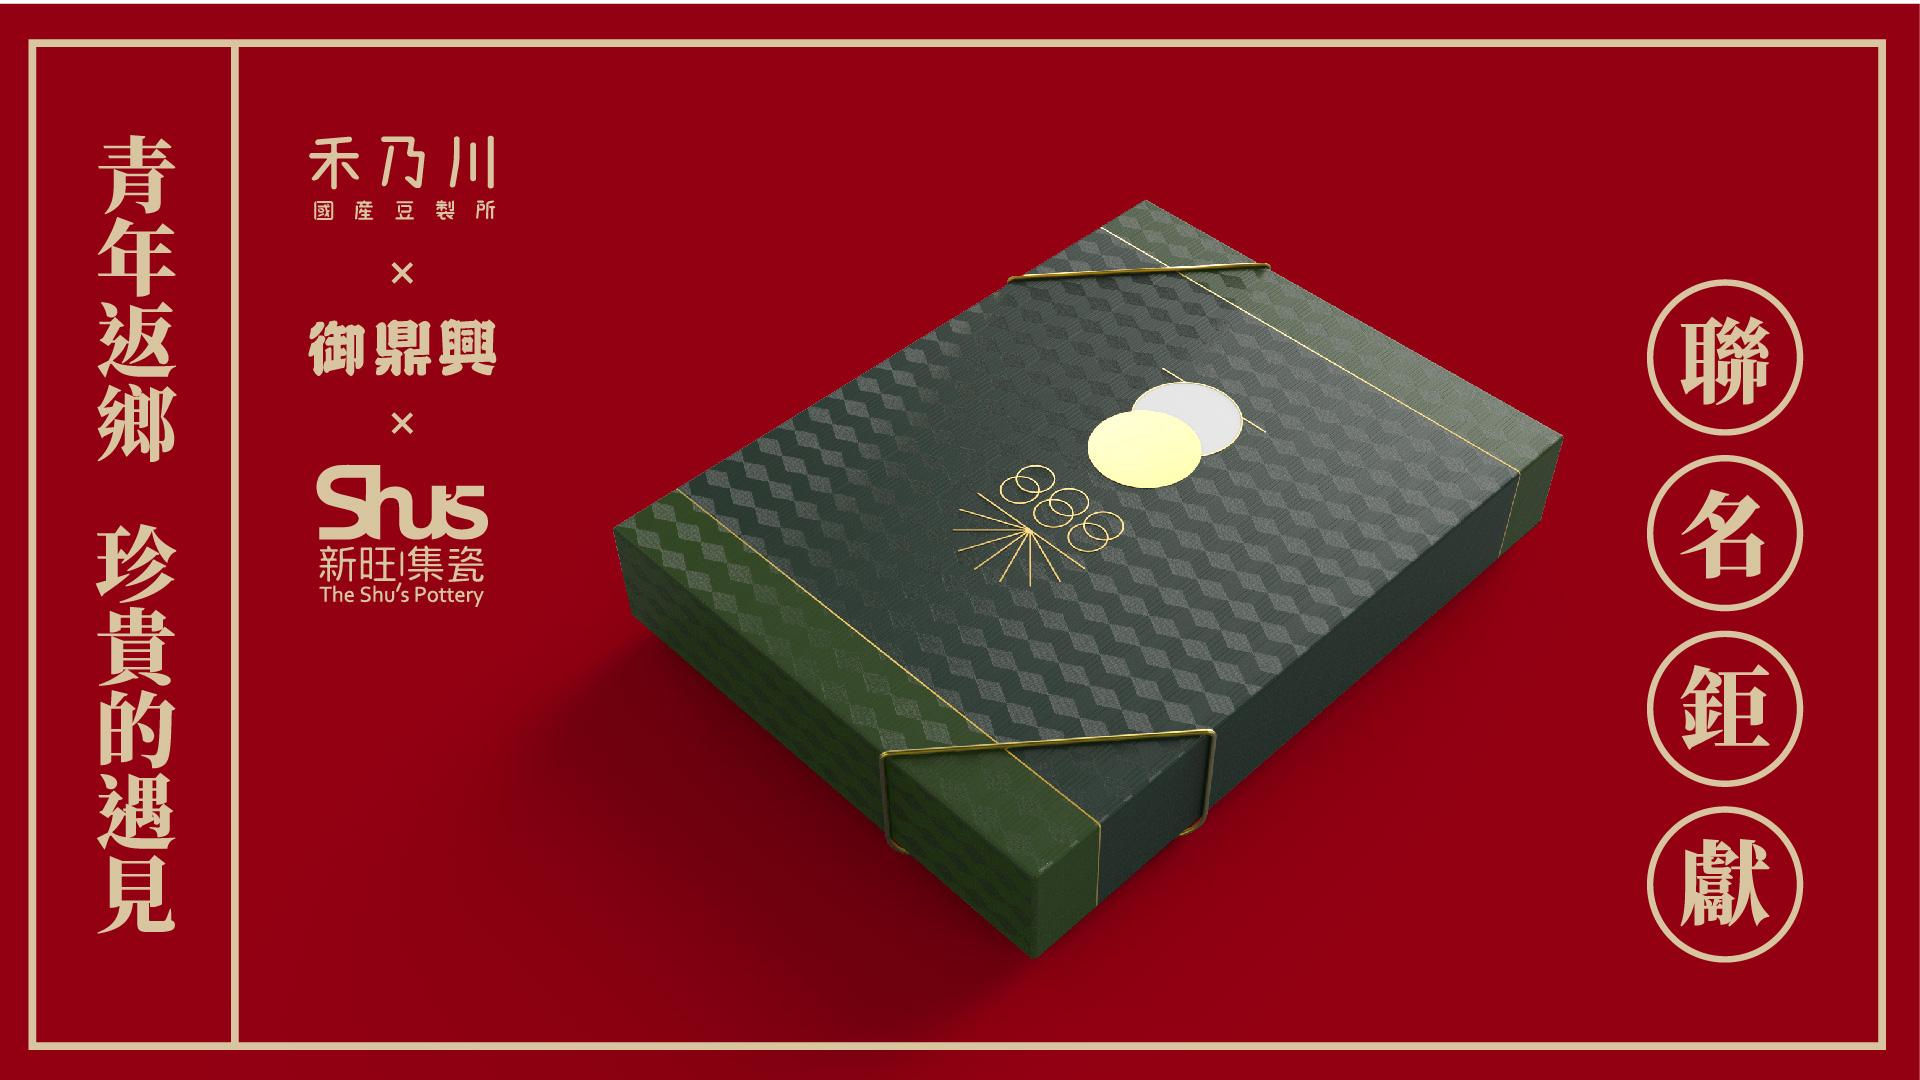 「青年返鄉,珍貴的遇見」 聯名禮盒 | 禾乃川國產豆製所 | 改變生命的豆漿店